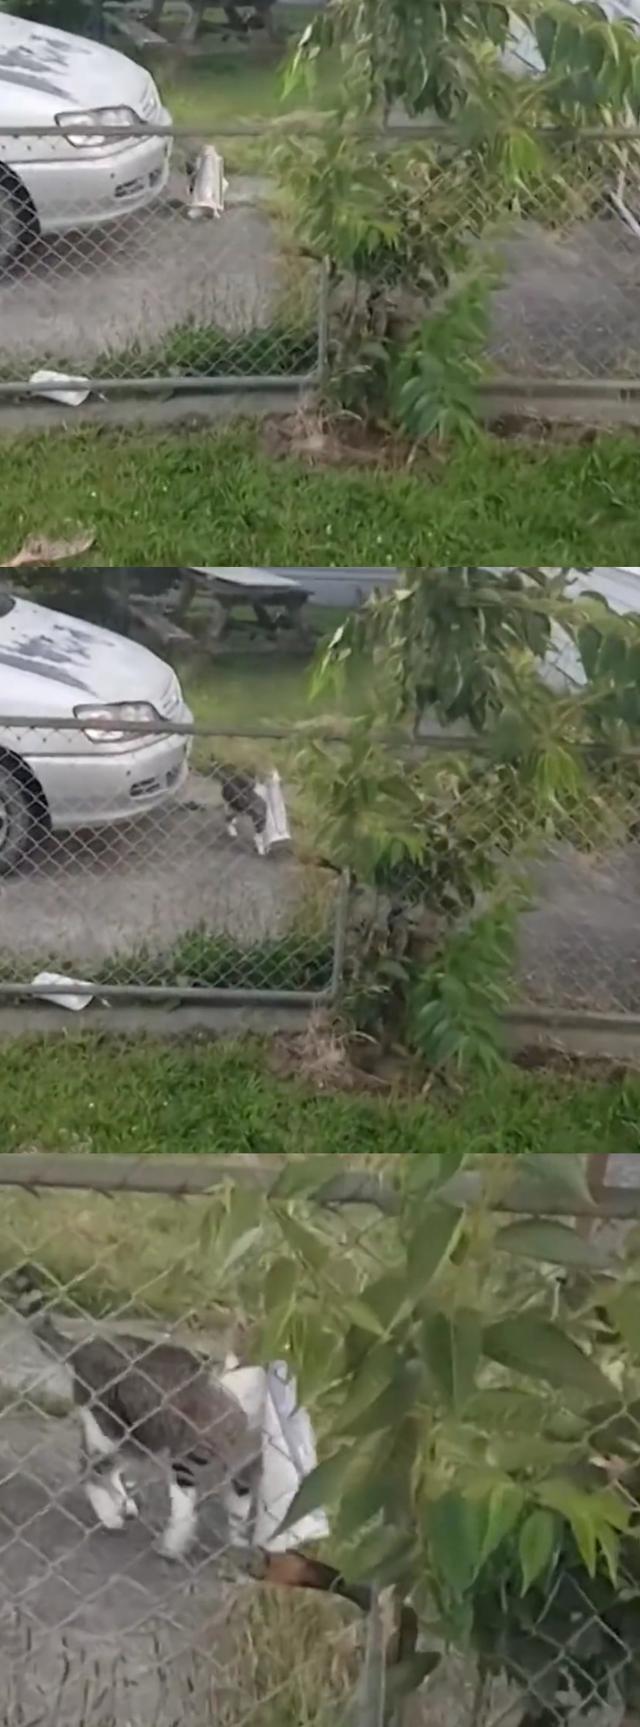 """猫咪派送报纸,报恩""""盗窃"""",主人:根本没有订阅报纸-第2张图片-深圳宠物猫咪领养送养中心"""